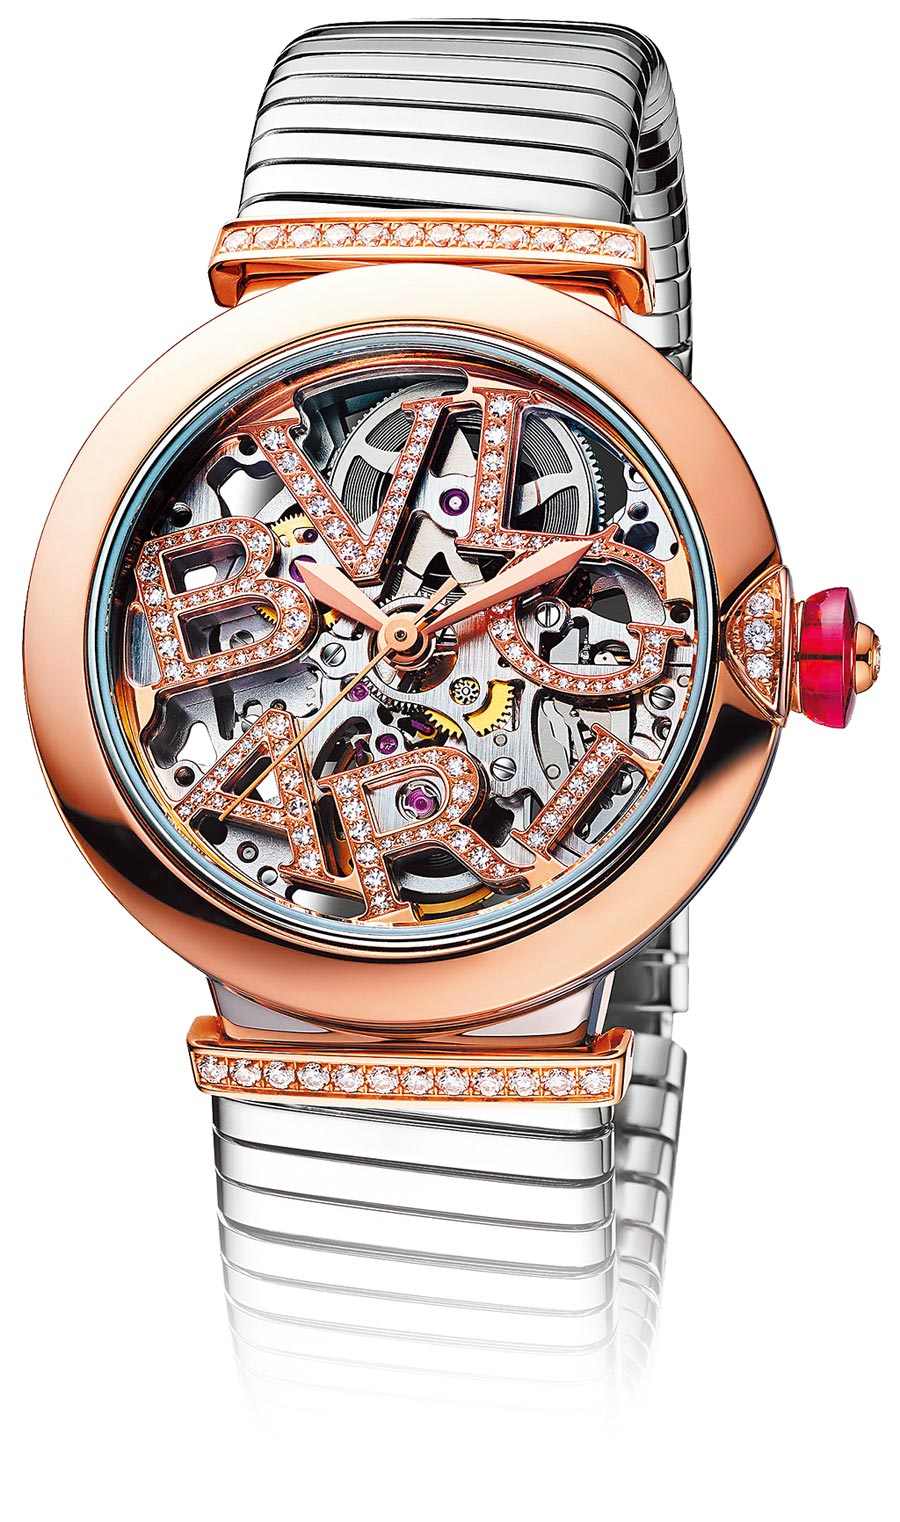 寶格麗LVCEA SKELETON TUBOGAS鏤空腕表,約48萬2100元。(BVLGARI提供)